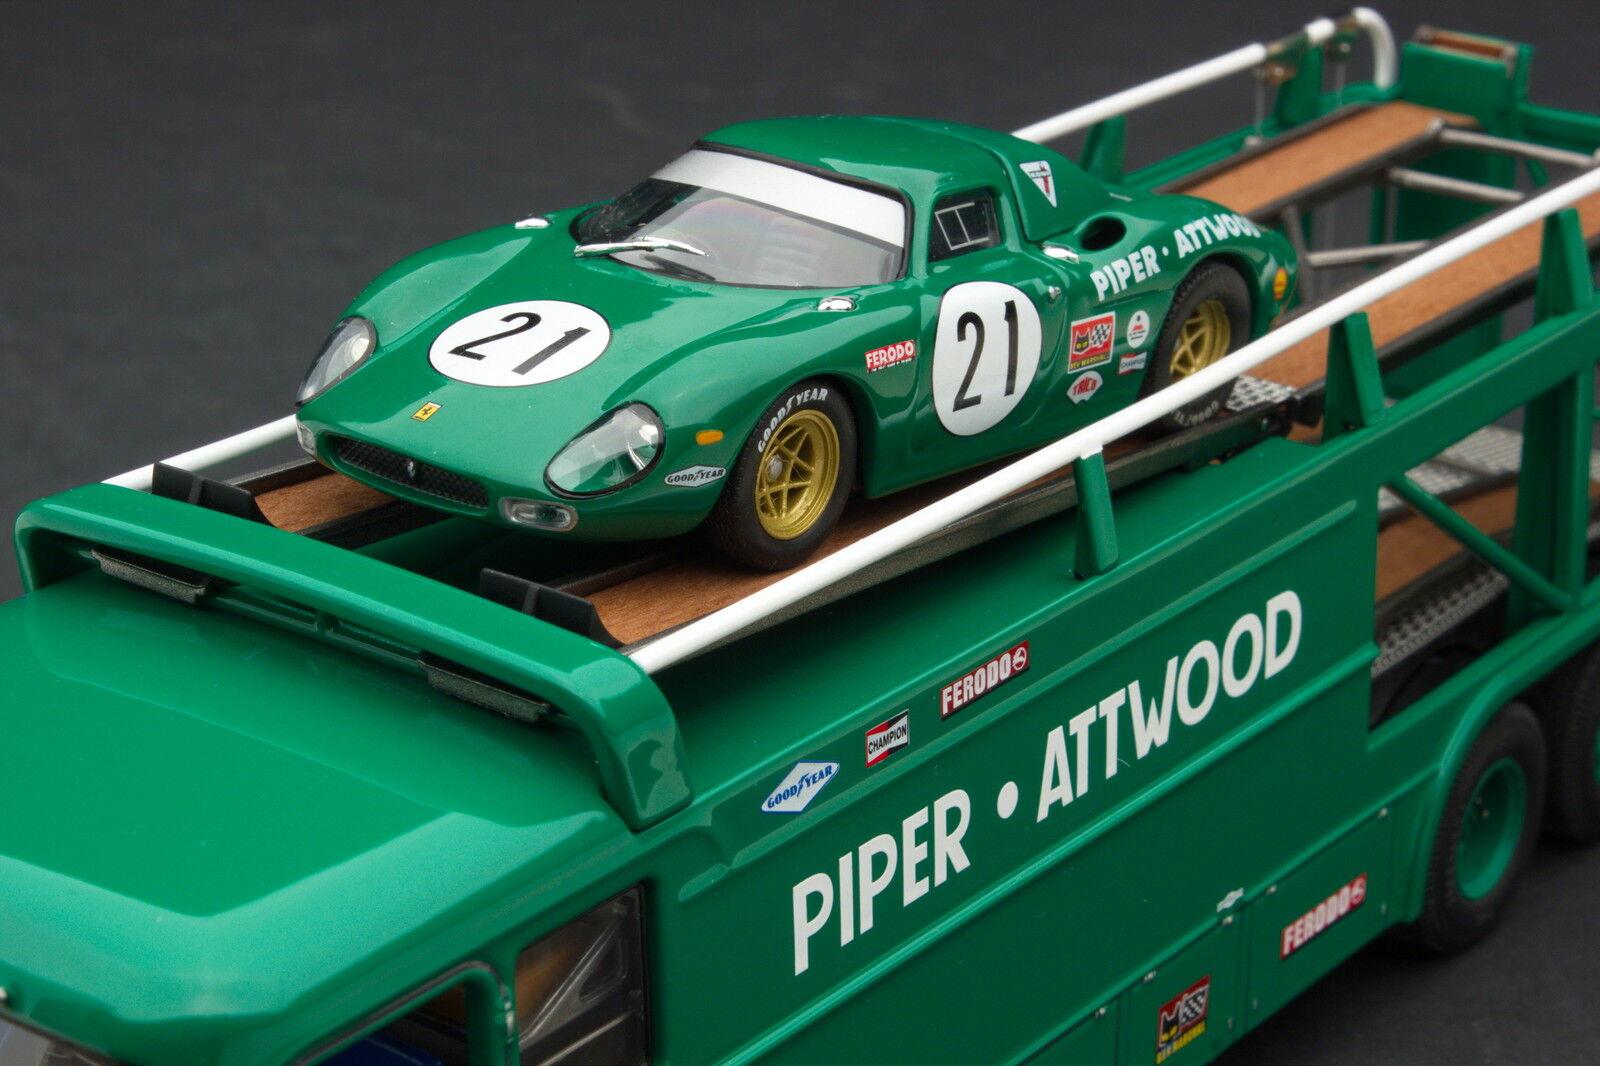 Exoto Piper-Attwood   Le Mans Bartoletti 306 2 Transporter   1 43   EXO00038GS1